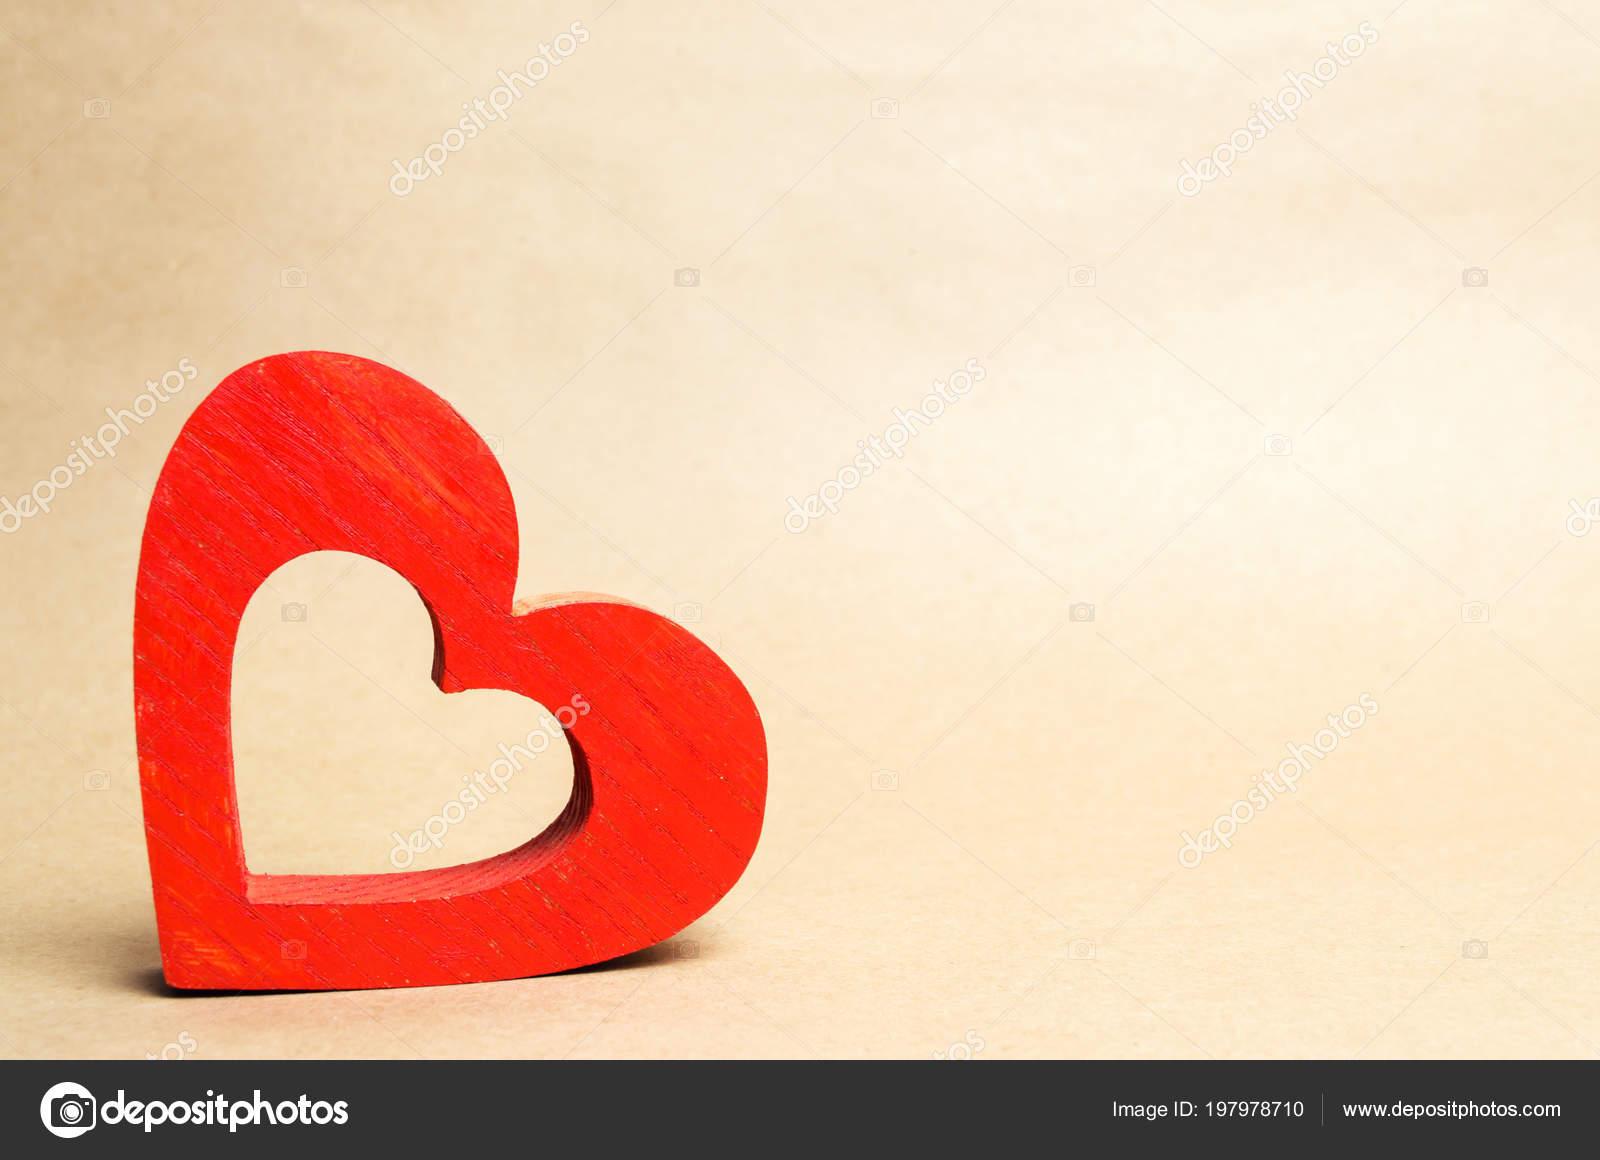 5b2425d8530 Rojo Corazón Madera Aislante Concepto Amor Romance Sentimientos Día ...